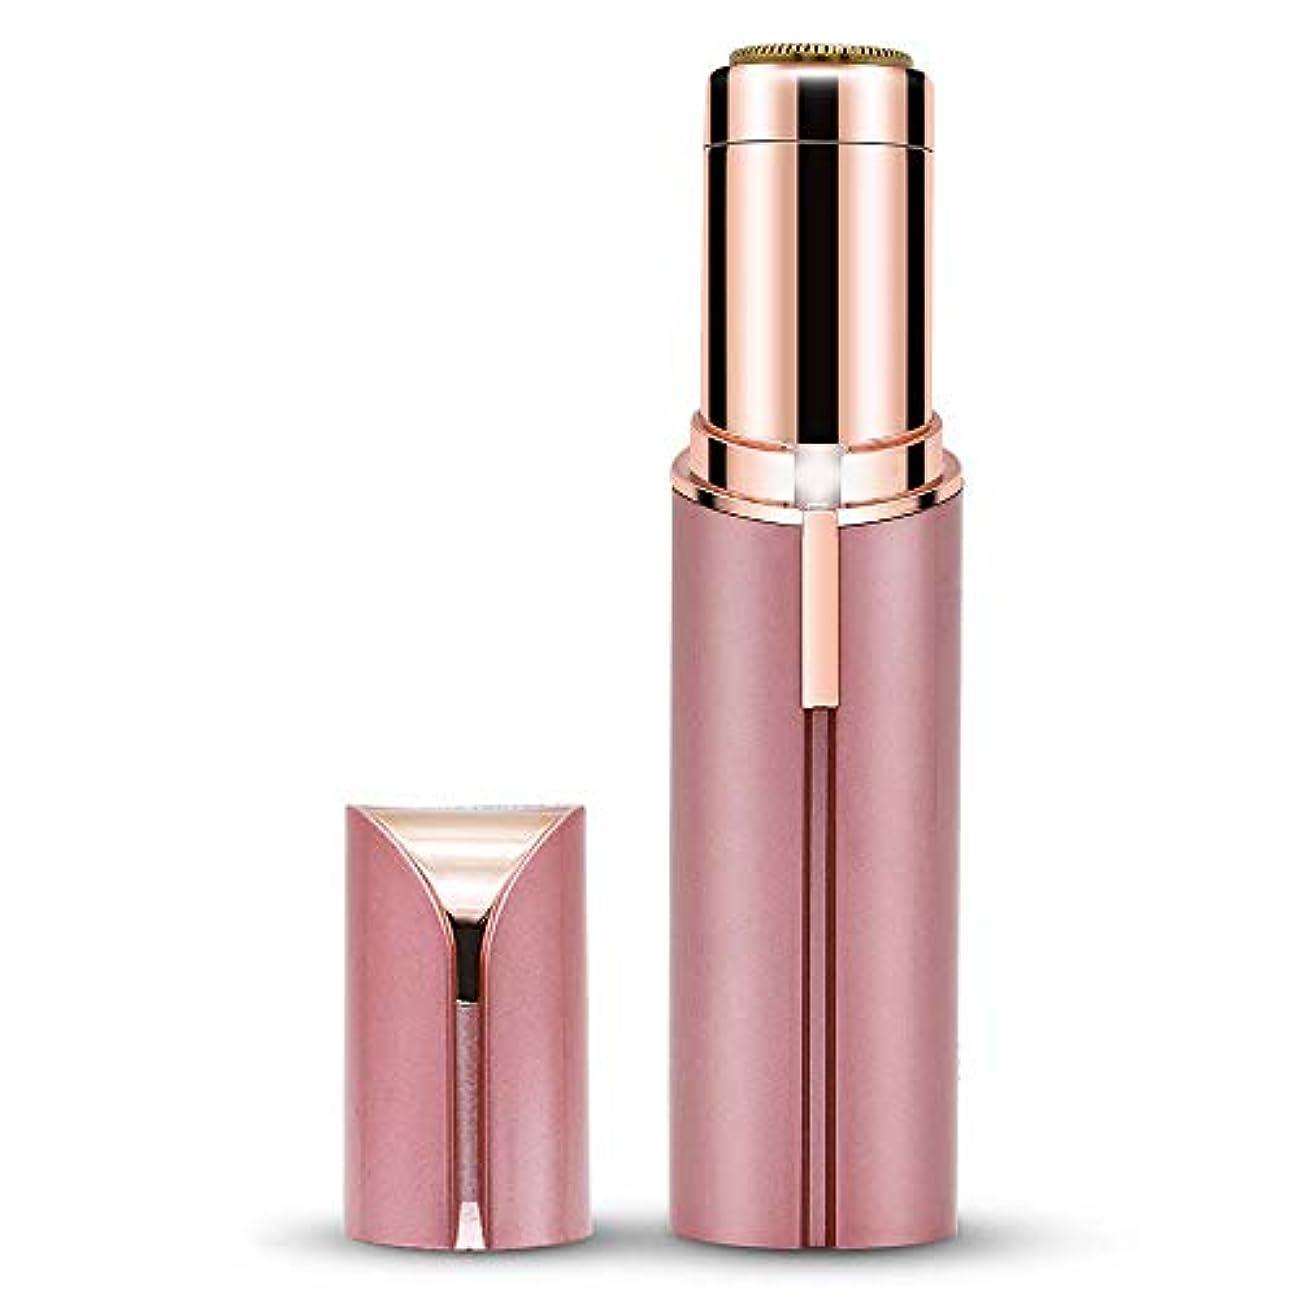 たくさんの補助金フィードレディースシェーバー 電動 フェイスシェーバー 脱毛器 USB充電式 女性 顔剃り 回転式 女性除毛器 携帯便利 ピンク